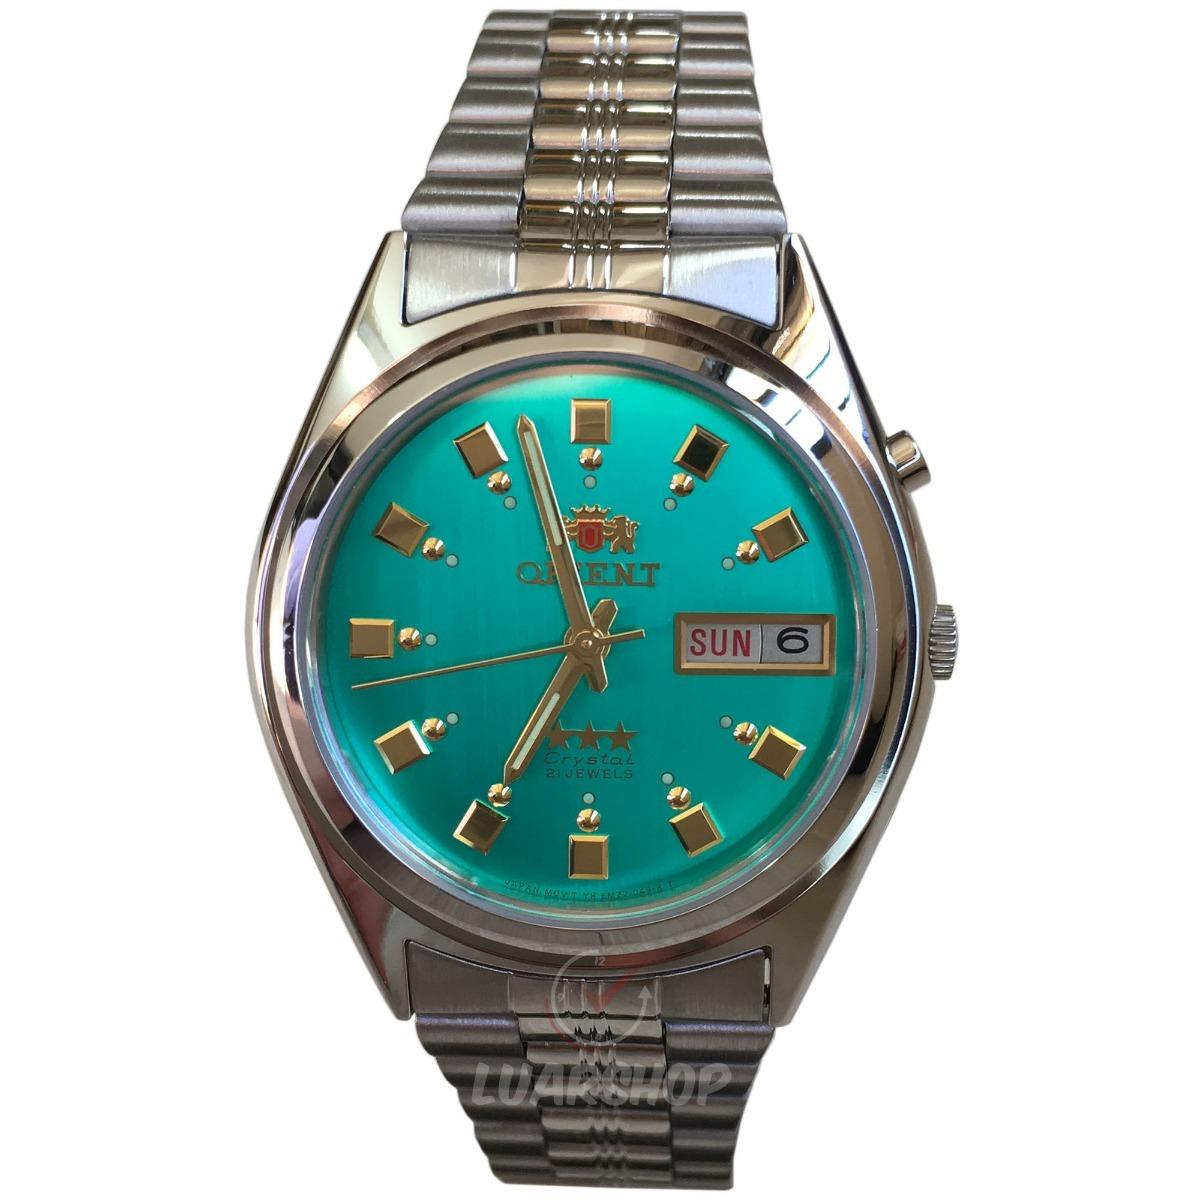 5db306e3ddb relógio orient automatico masculino - verde 2 chave c  caixa. Carregando  zoom.